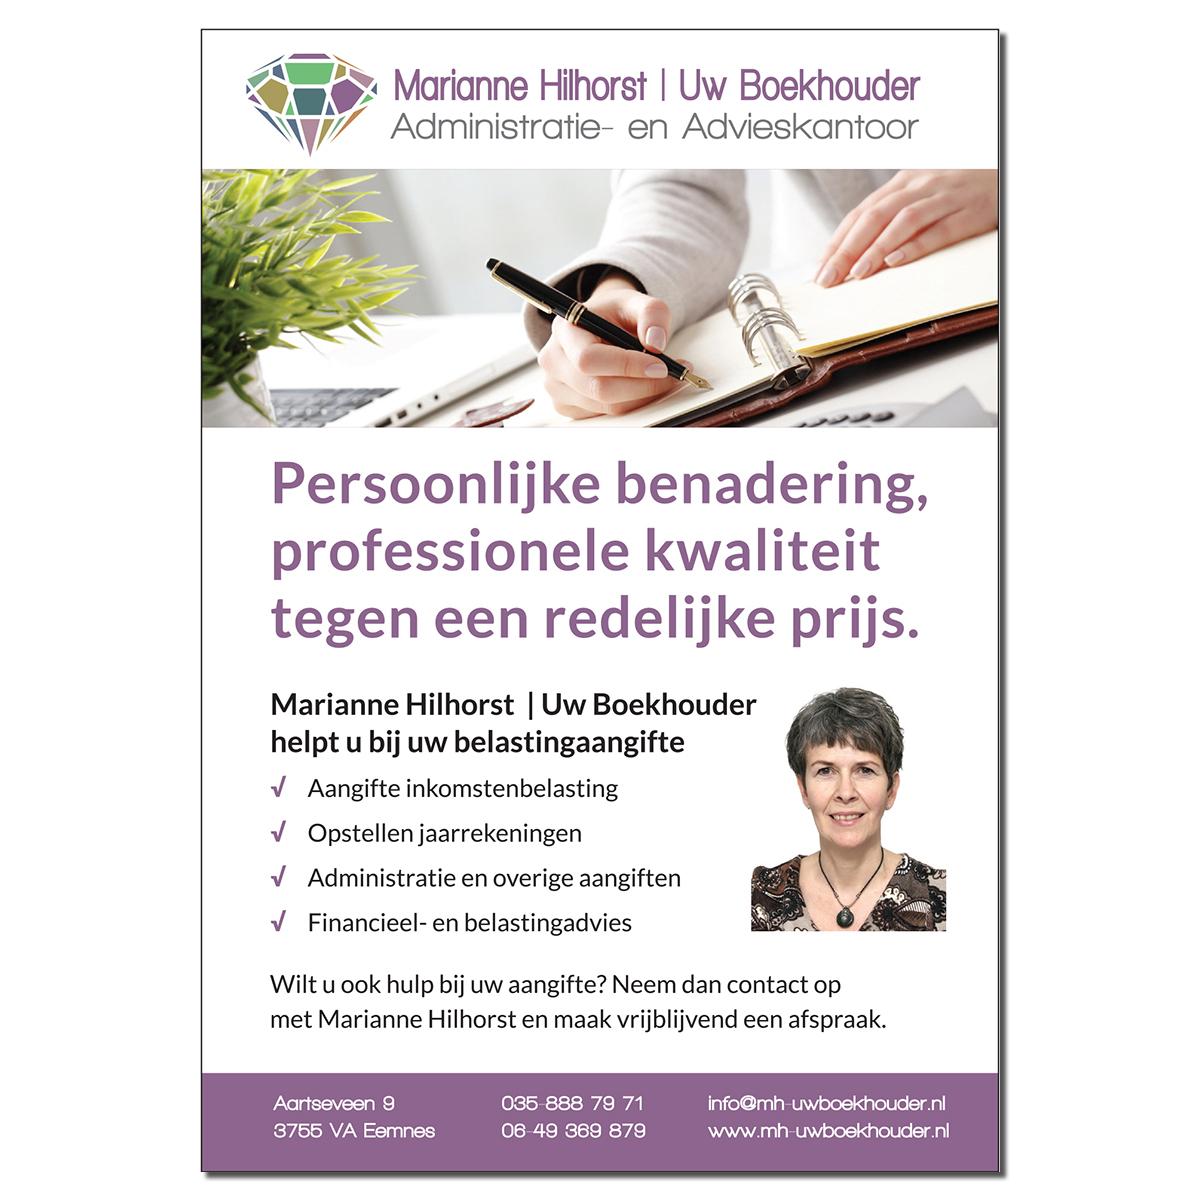 Huisstijl Marianne Hilhorst | Uw Boekhouder